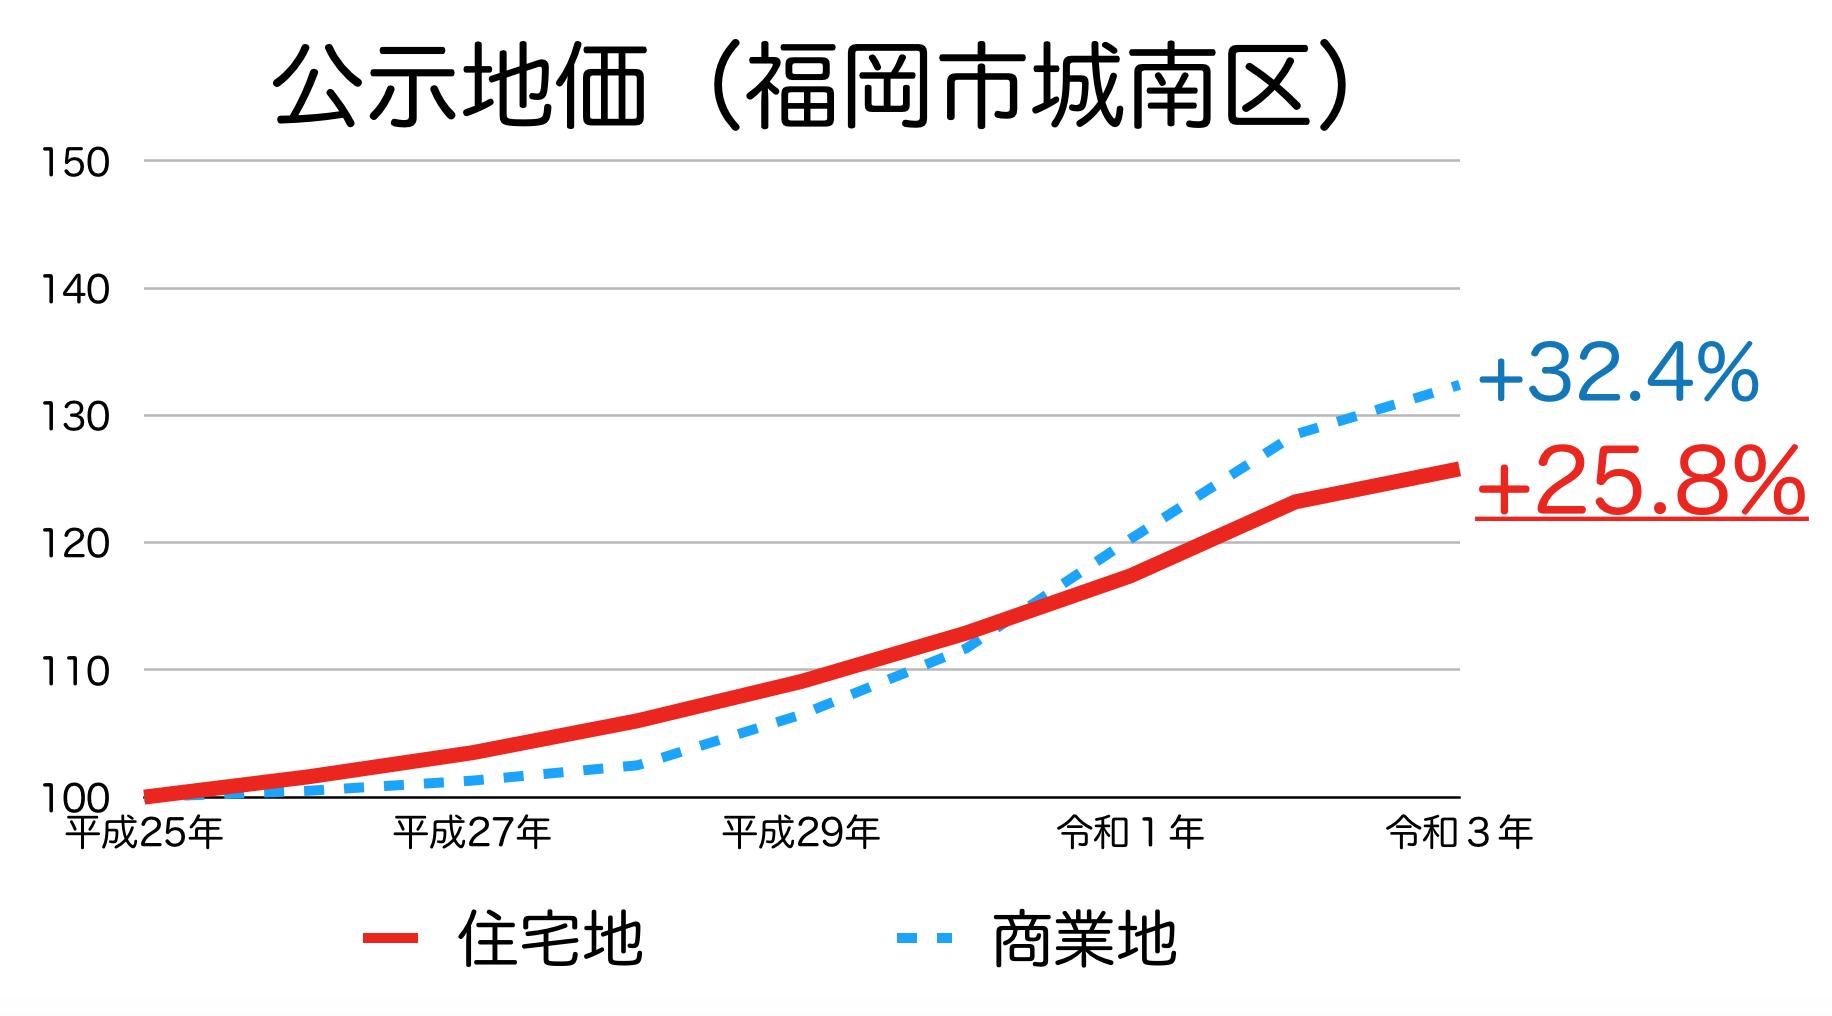 福岡市城南区の公示地価の推移